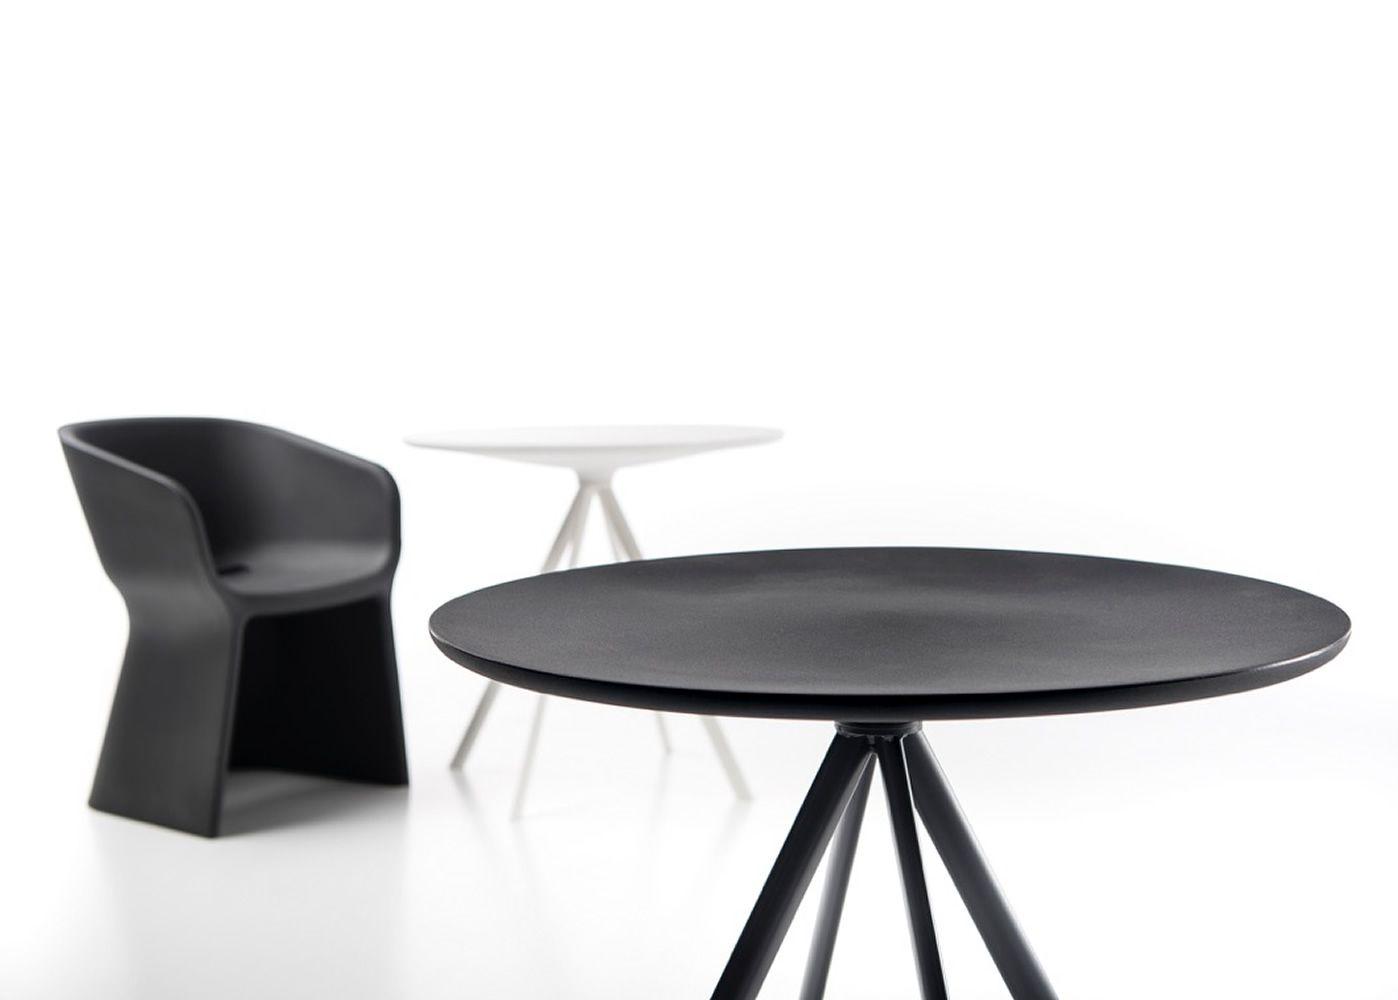 margarita t table fixe en m tal plateau rond en poly thyl ne diam tre 80 cm disponible dans. Black Bedroom Furniture Sets. Home Design Ideas